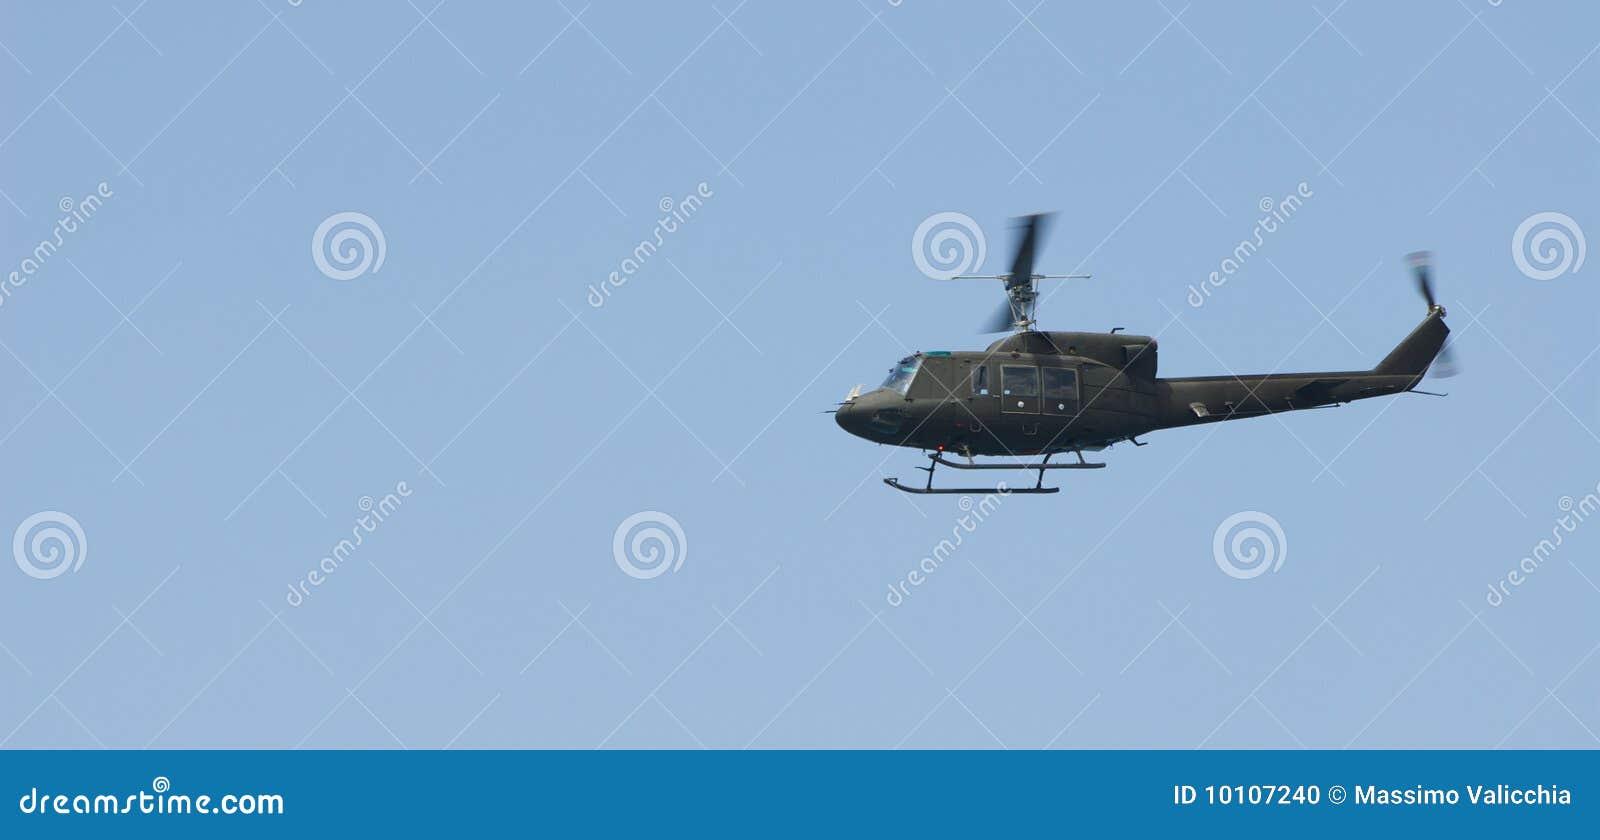 Elicottero Verde : Elicottero verde fotografia stock immagine di mobile